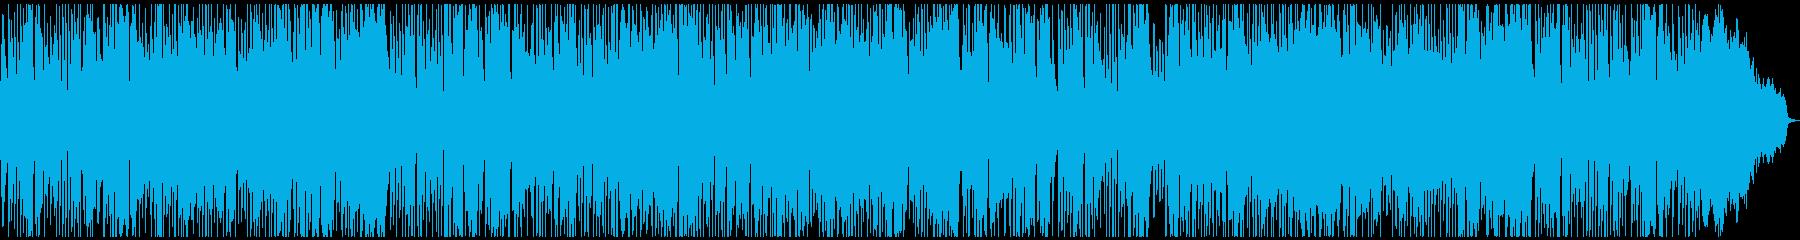 二胡の中華風エキゾチックポップジャズの再生済みの波形